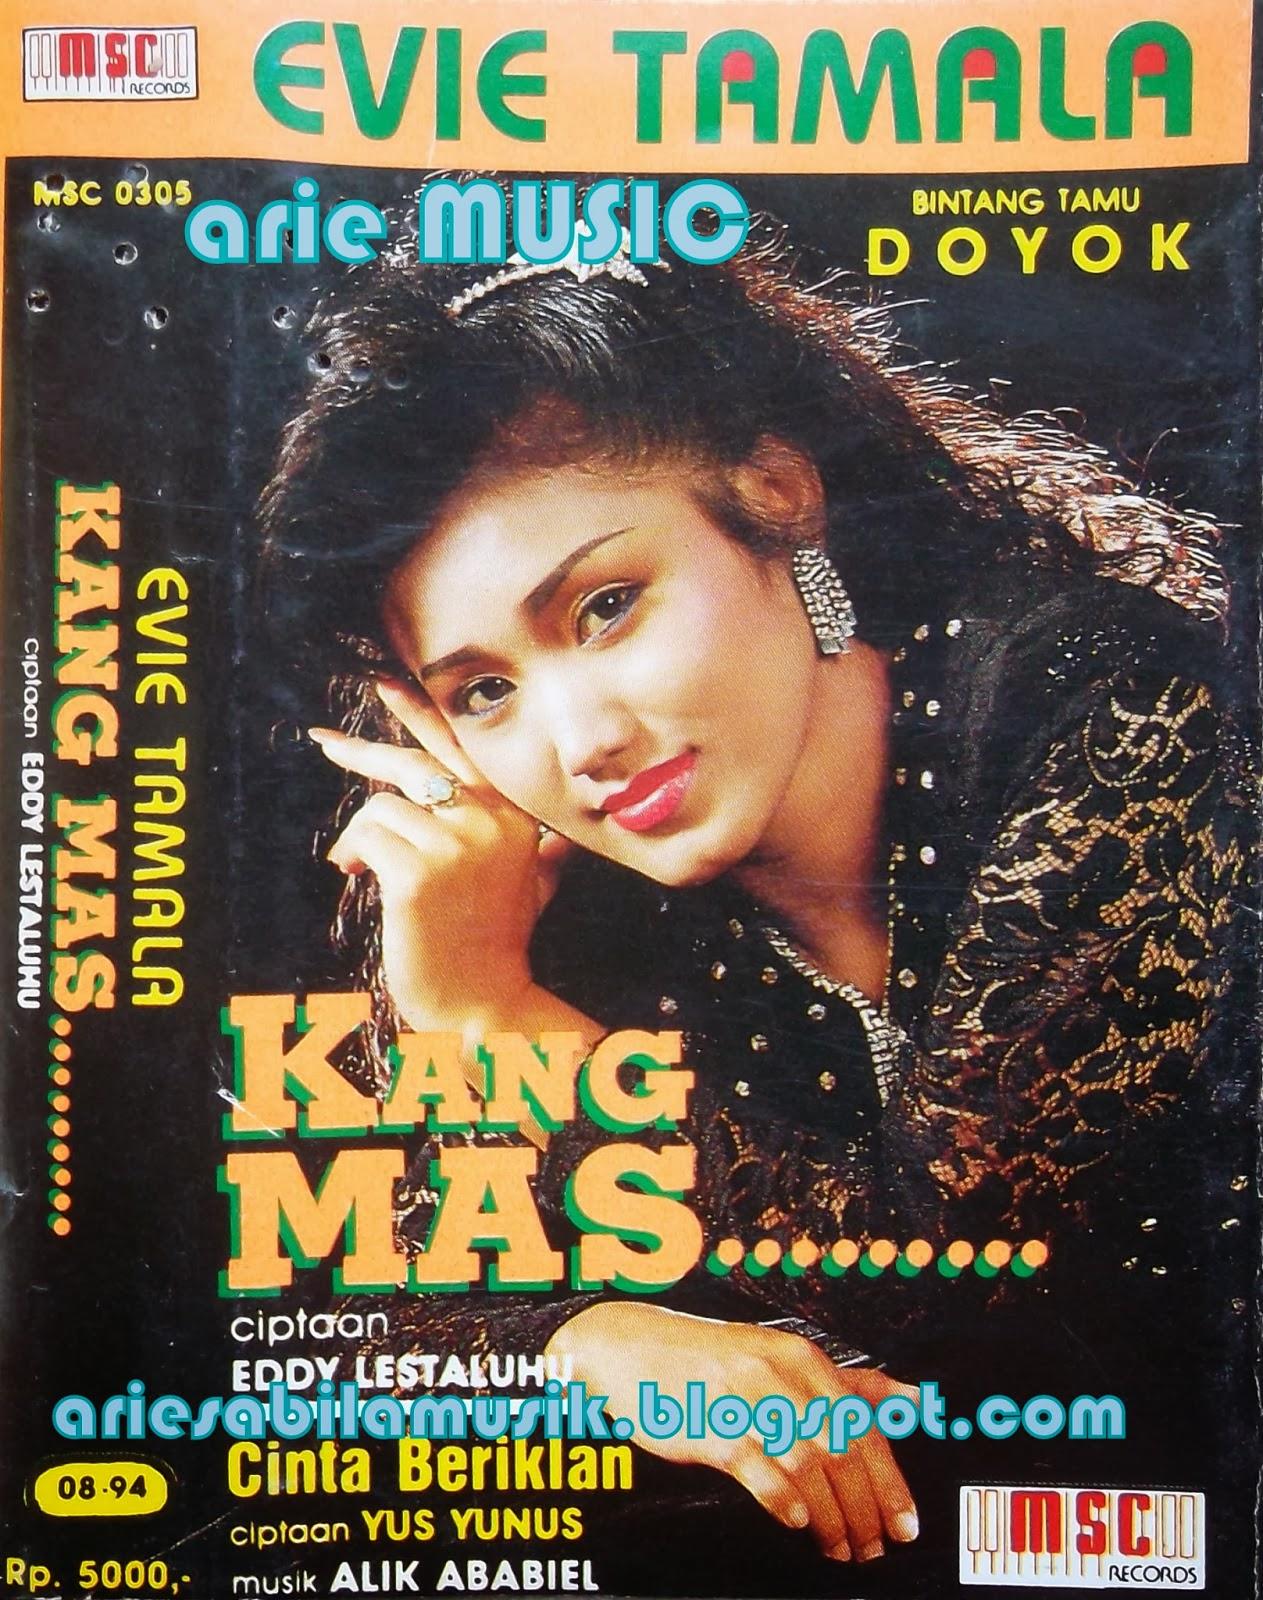 arie music evie tamala feat doyok   kang mas 1994